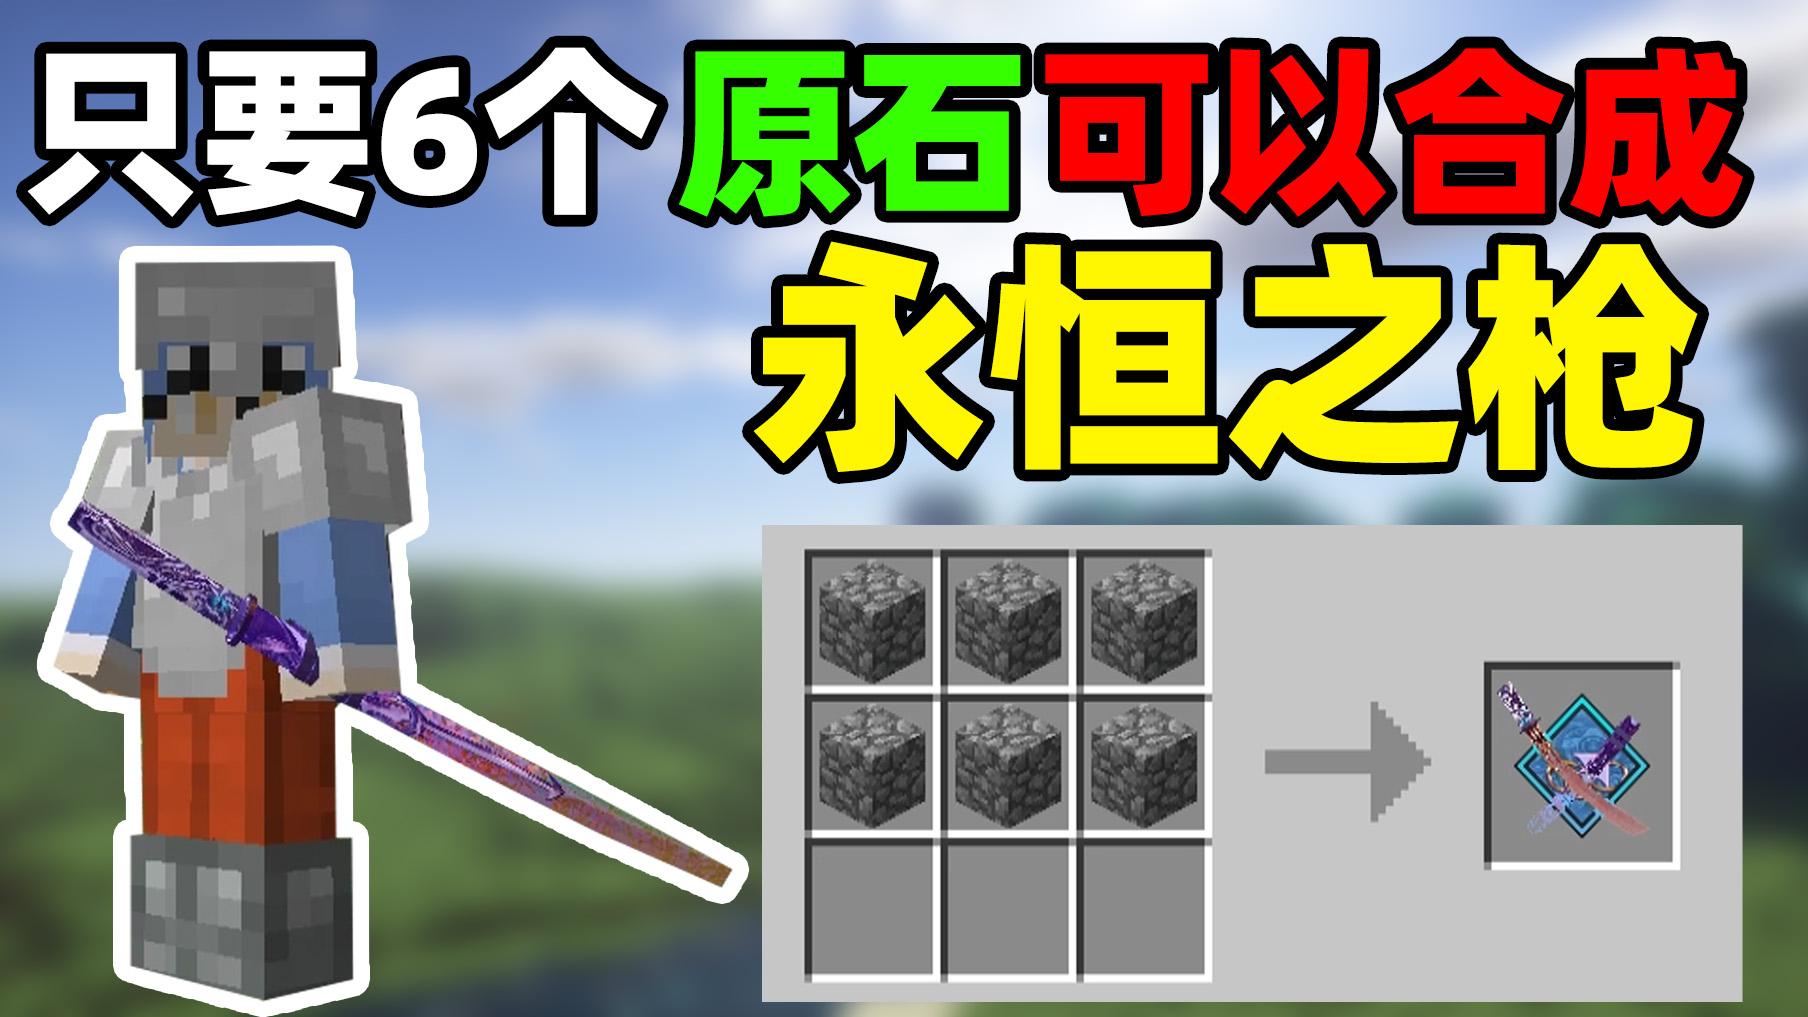 MC我的世界随机生存33:用6个石头造出两种剑技的拔刀剑!